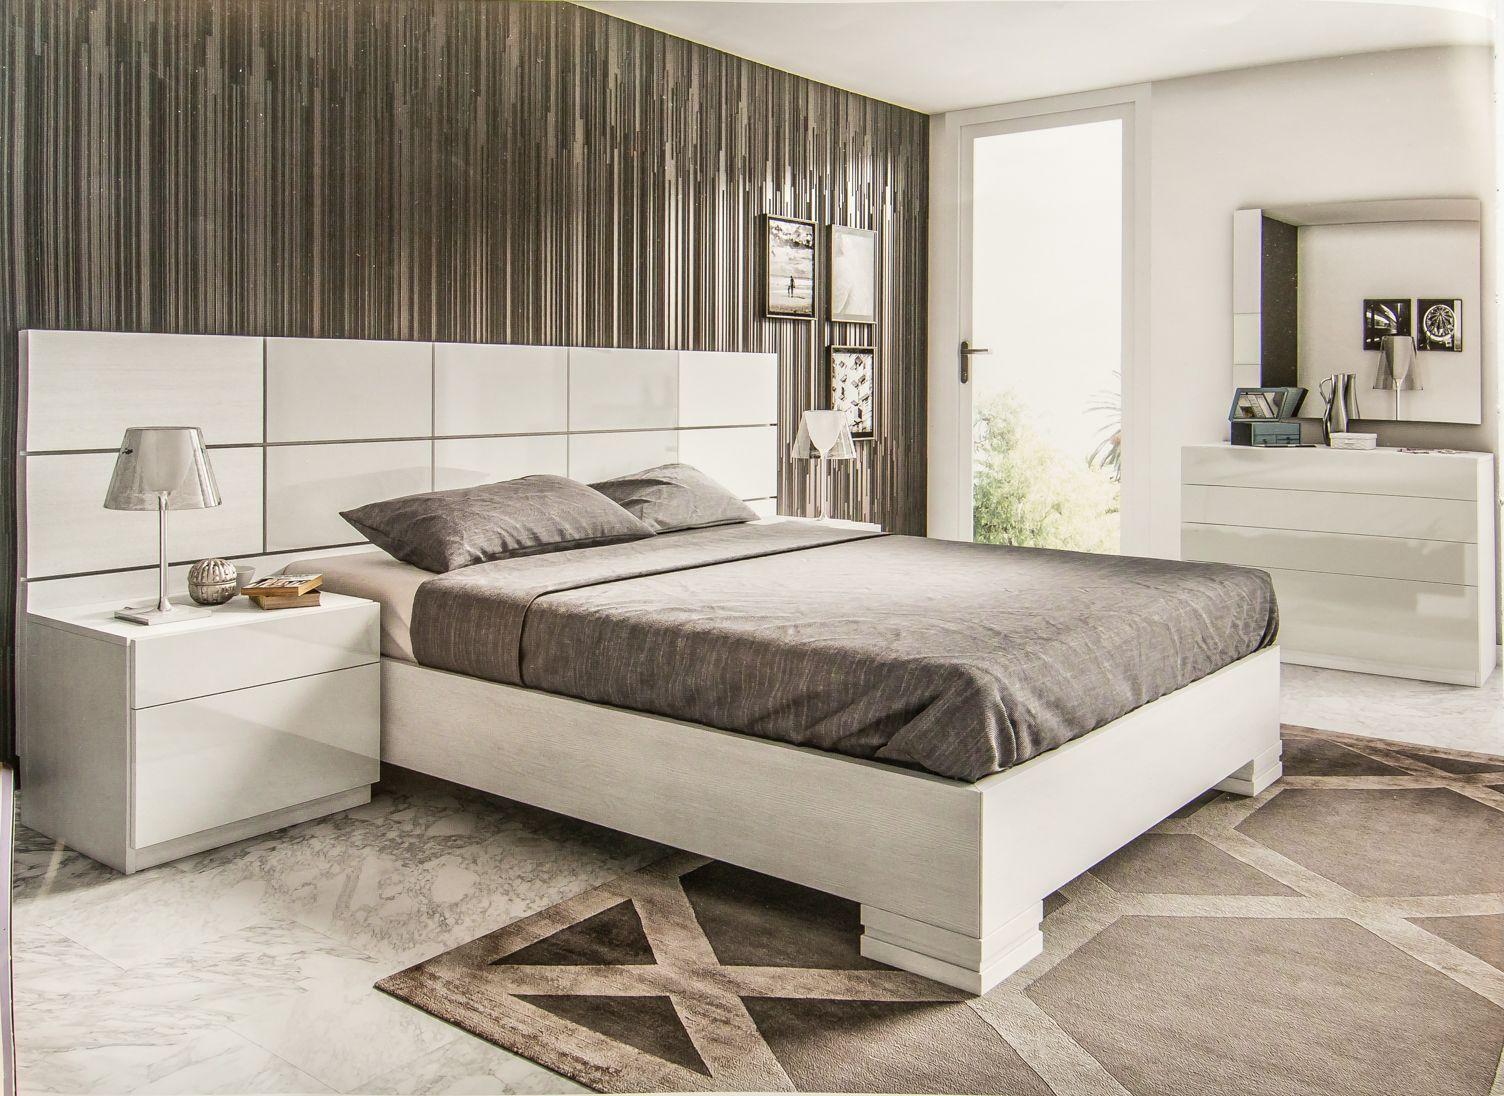 Dormitorios elegantes, con diseños clásicos o modernos en Muebles Vilu